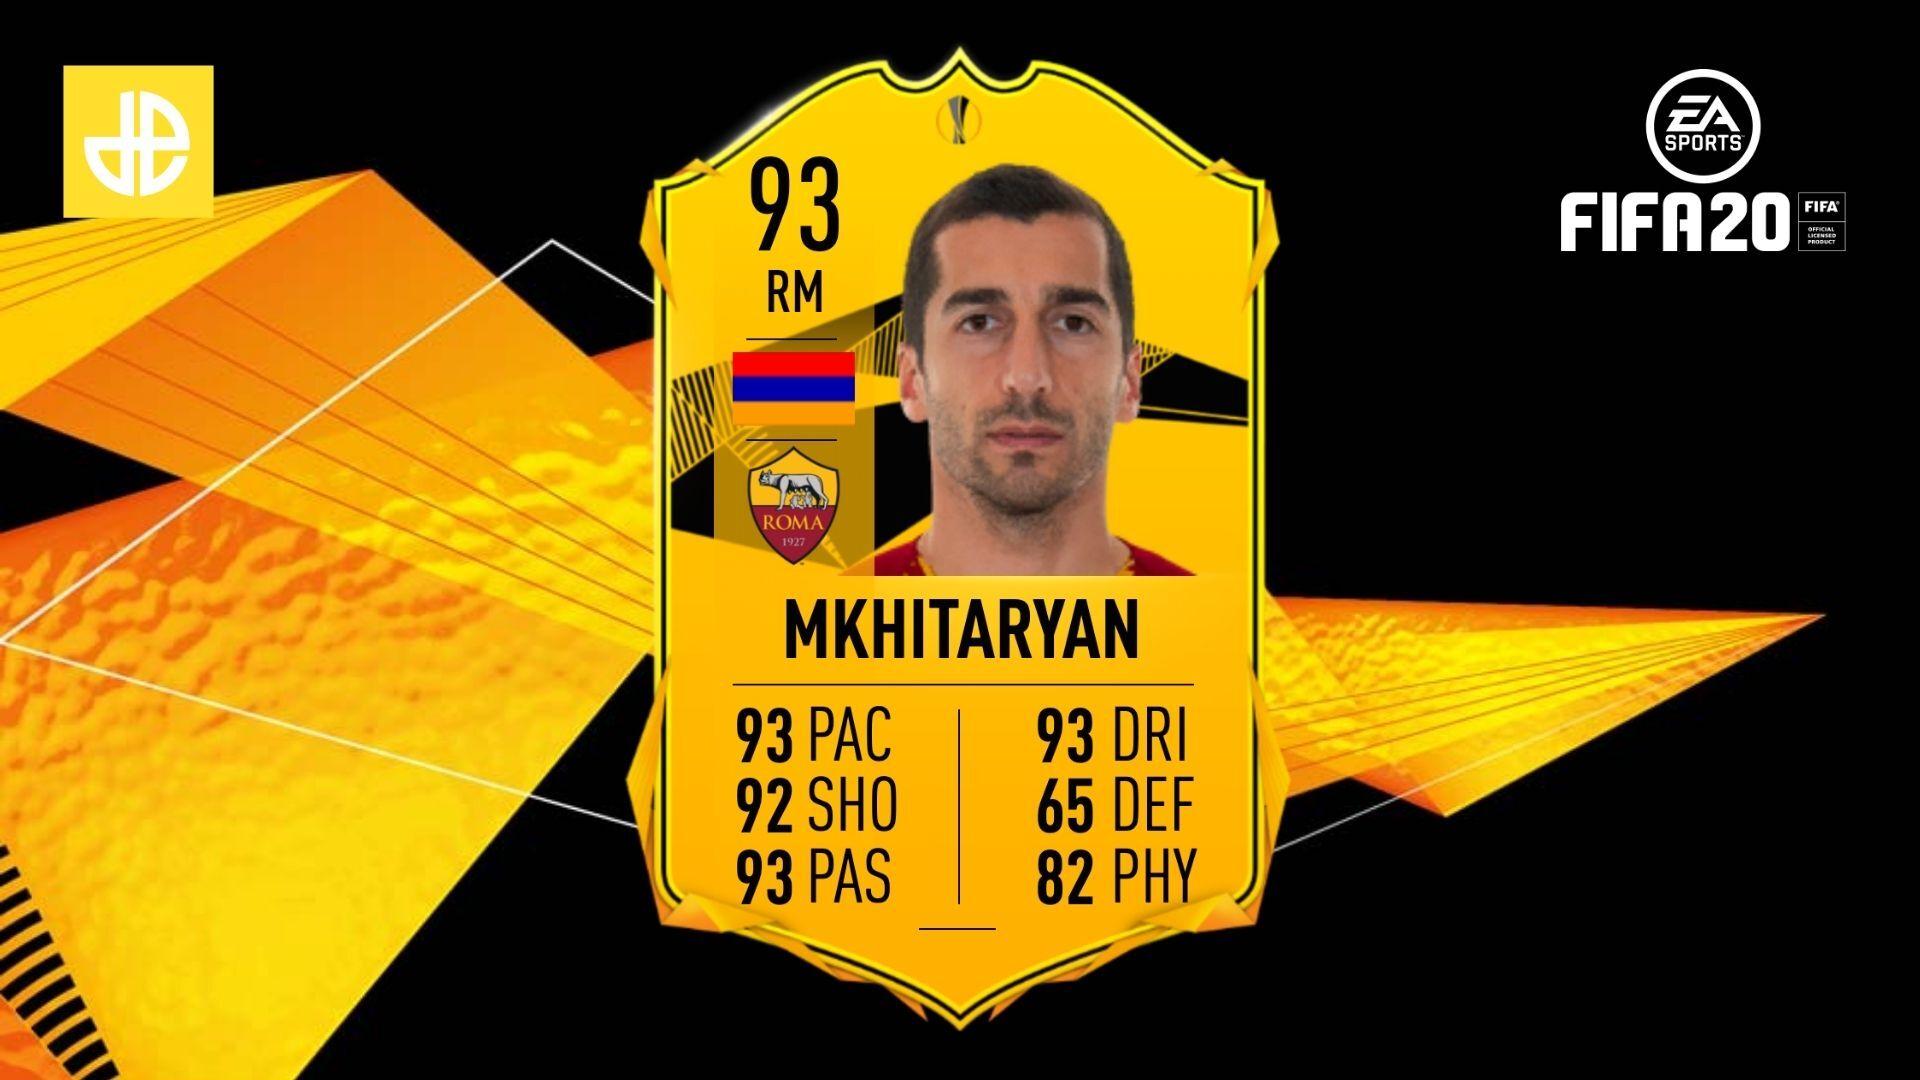 Henrikh Mkhitaryan RTTF SBC FIFA 20 FUT header